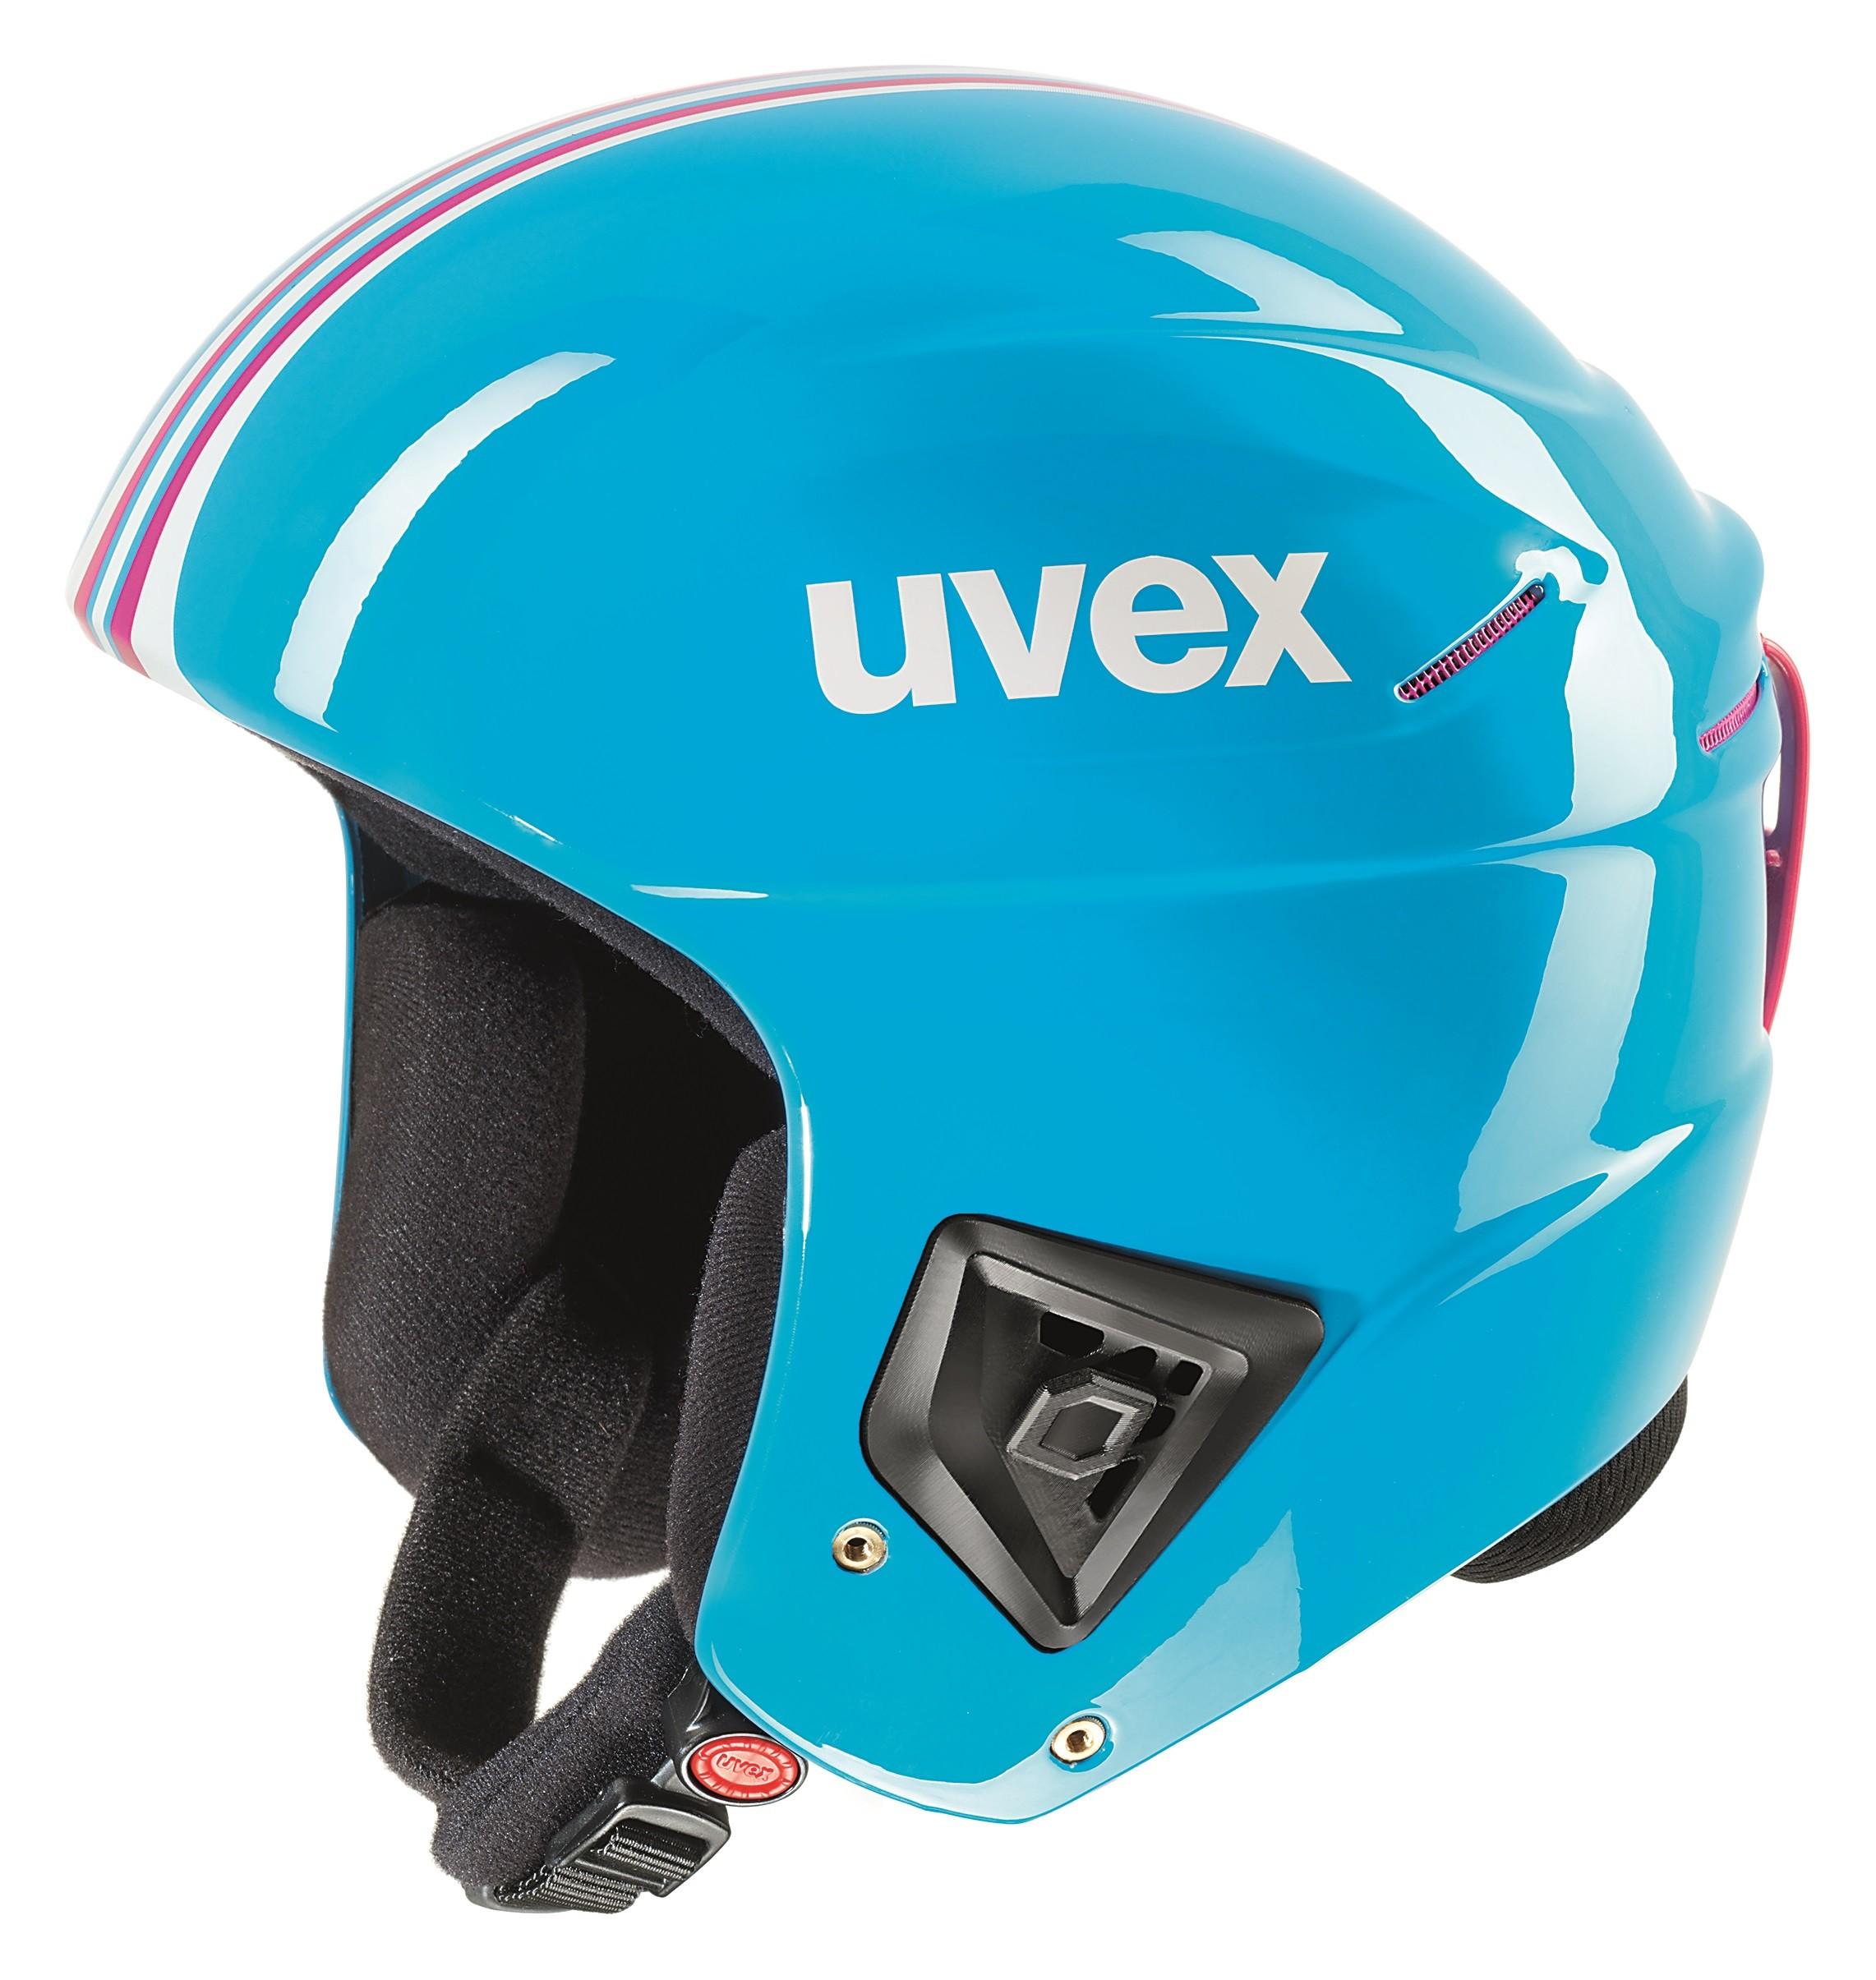 Uvex race + FIS ski helmet, 2017, cyan/pink